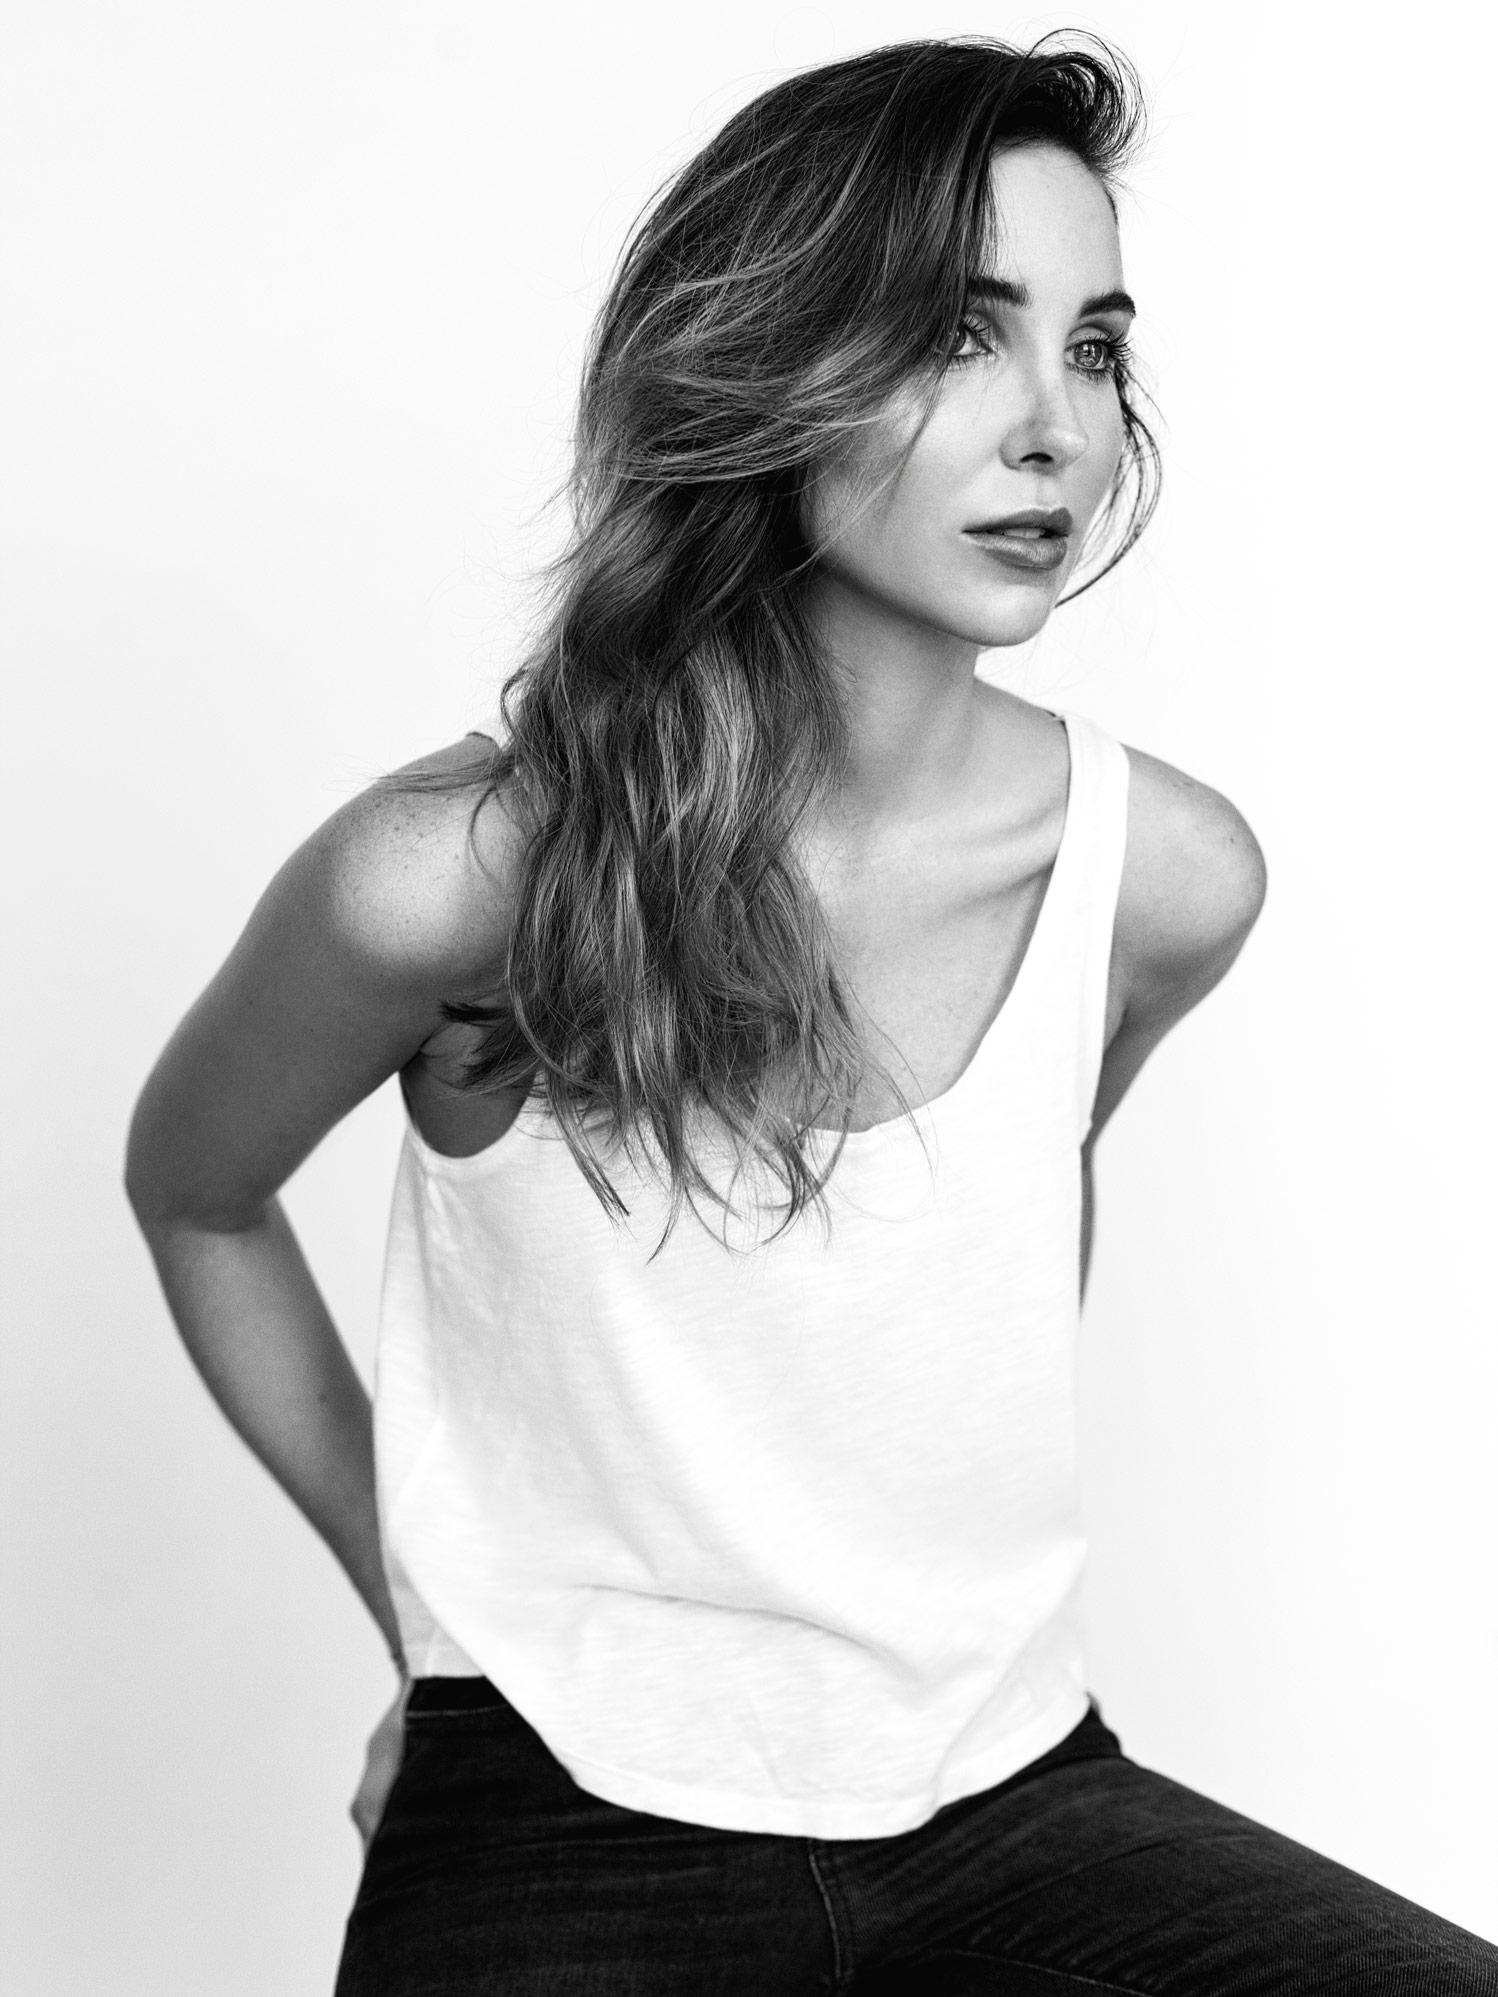 Photographe photo casting pour acteur et comédien à Montréal. Photo portrait en noir et blanc de Jessie nadeau, en lumière nautrelle en studio.